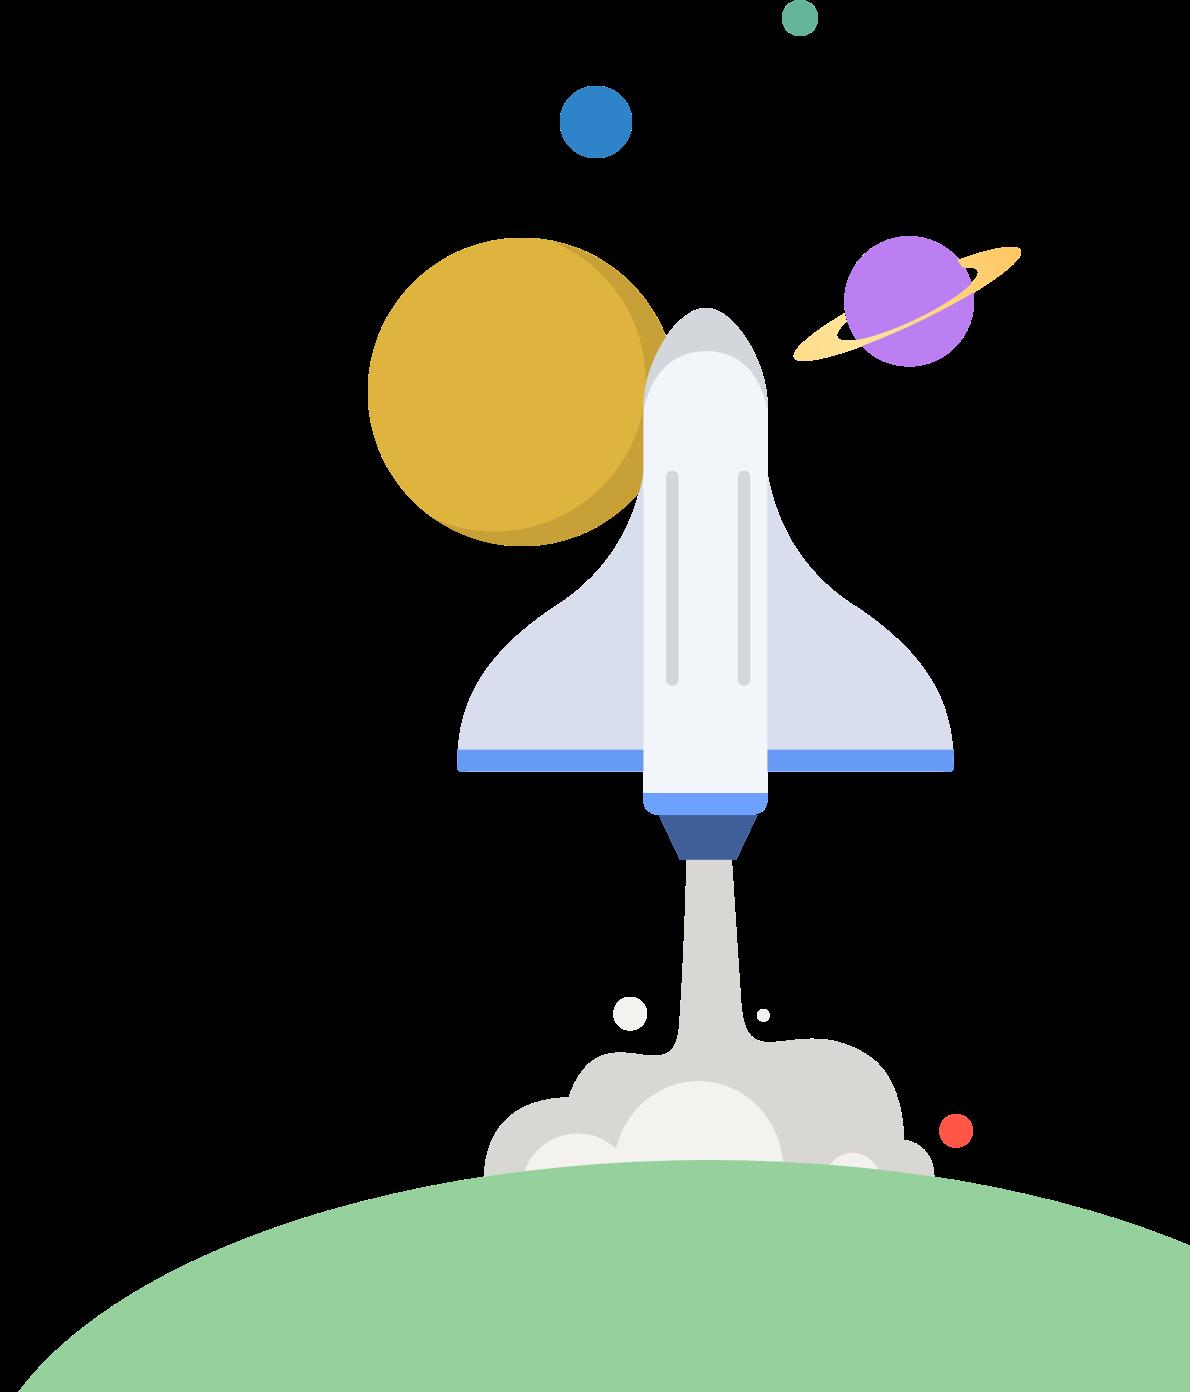 宇宙に向かって飛び立つスペースシャトル